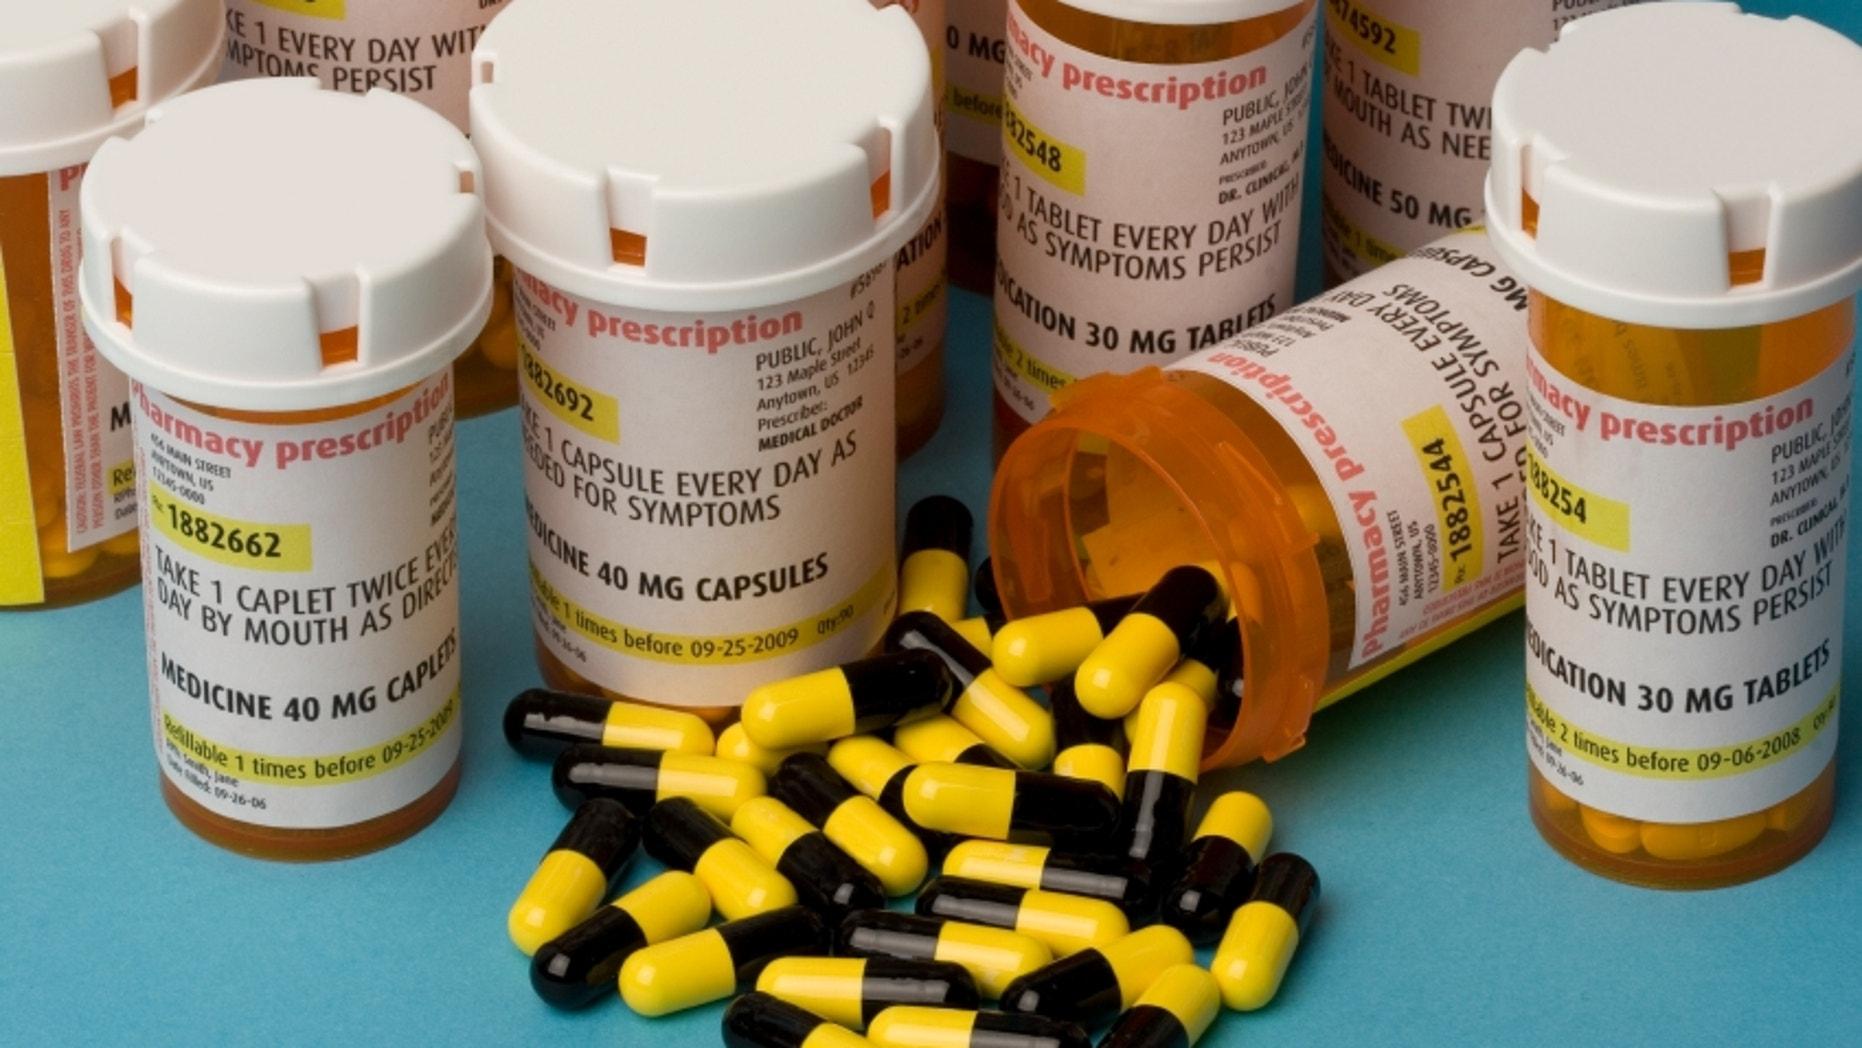 Bottles of prescription medication. Labels are fake, with false information.